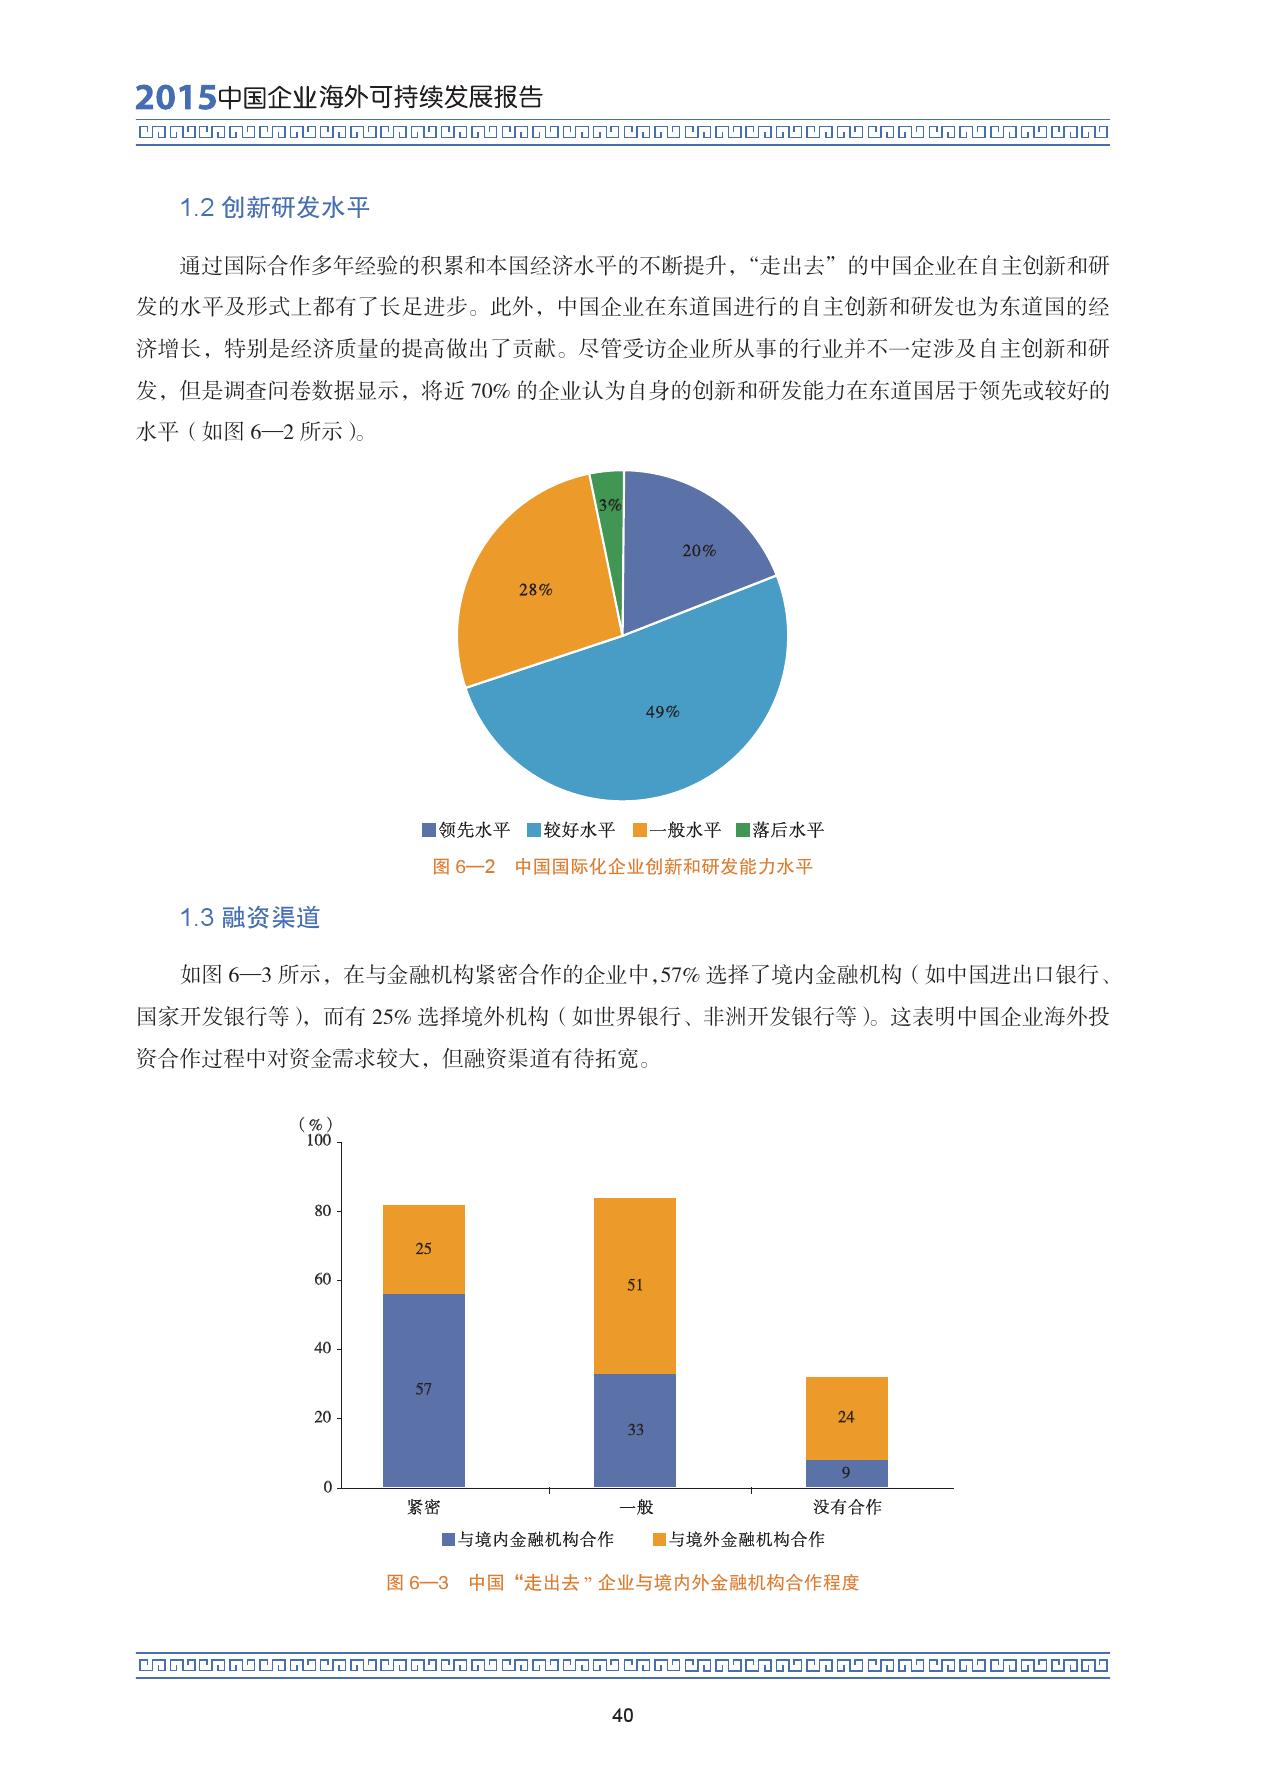 2015中国企业海外可持续发展报告_000054